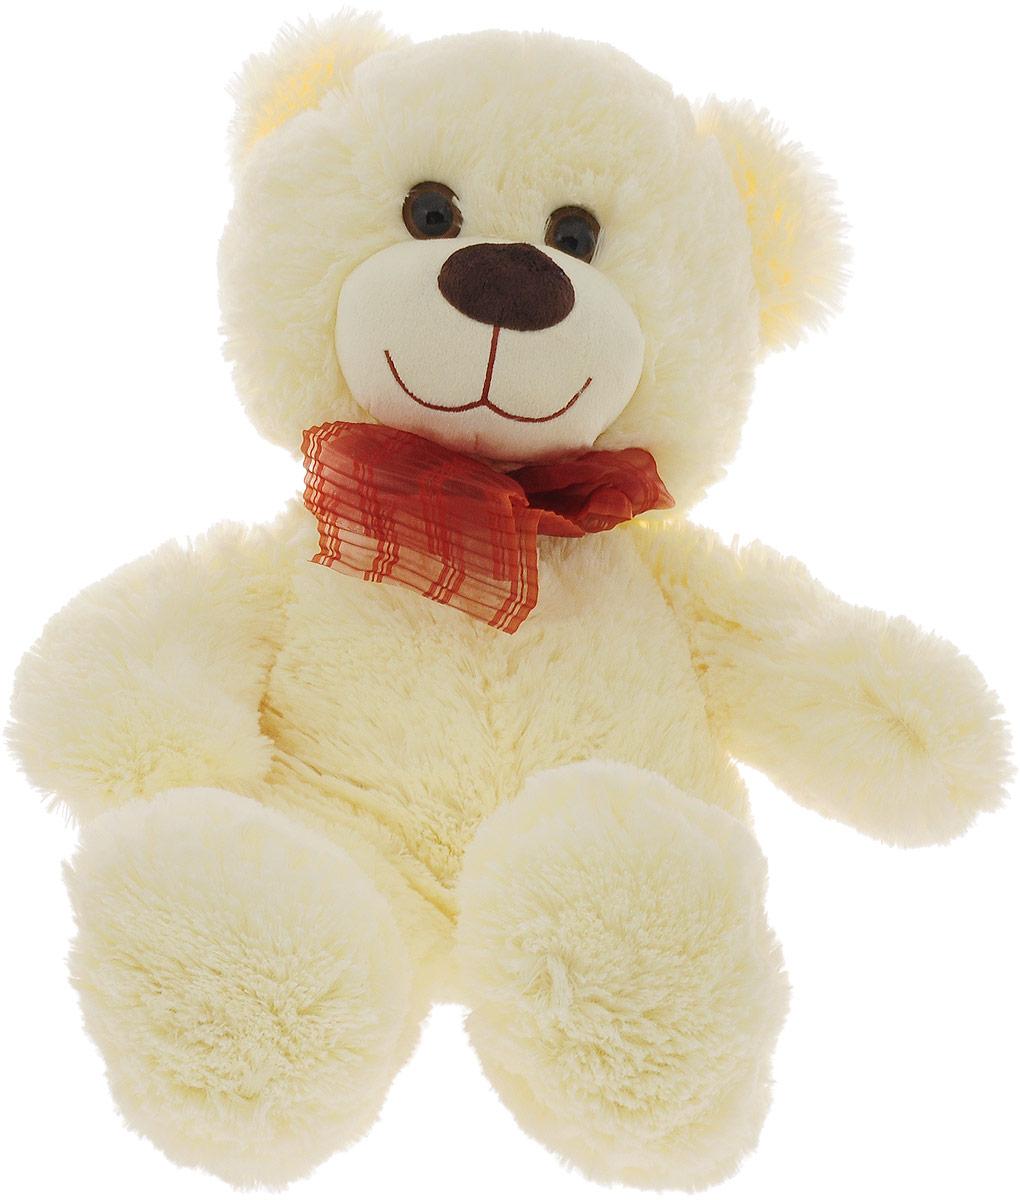 Fancy Мягкая игрушка Медведь Мика 37 см мягкая игрушка fancy медведь мика 52 см